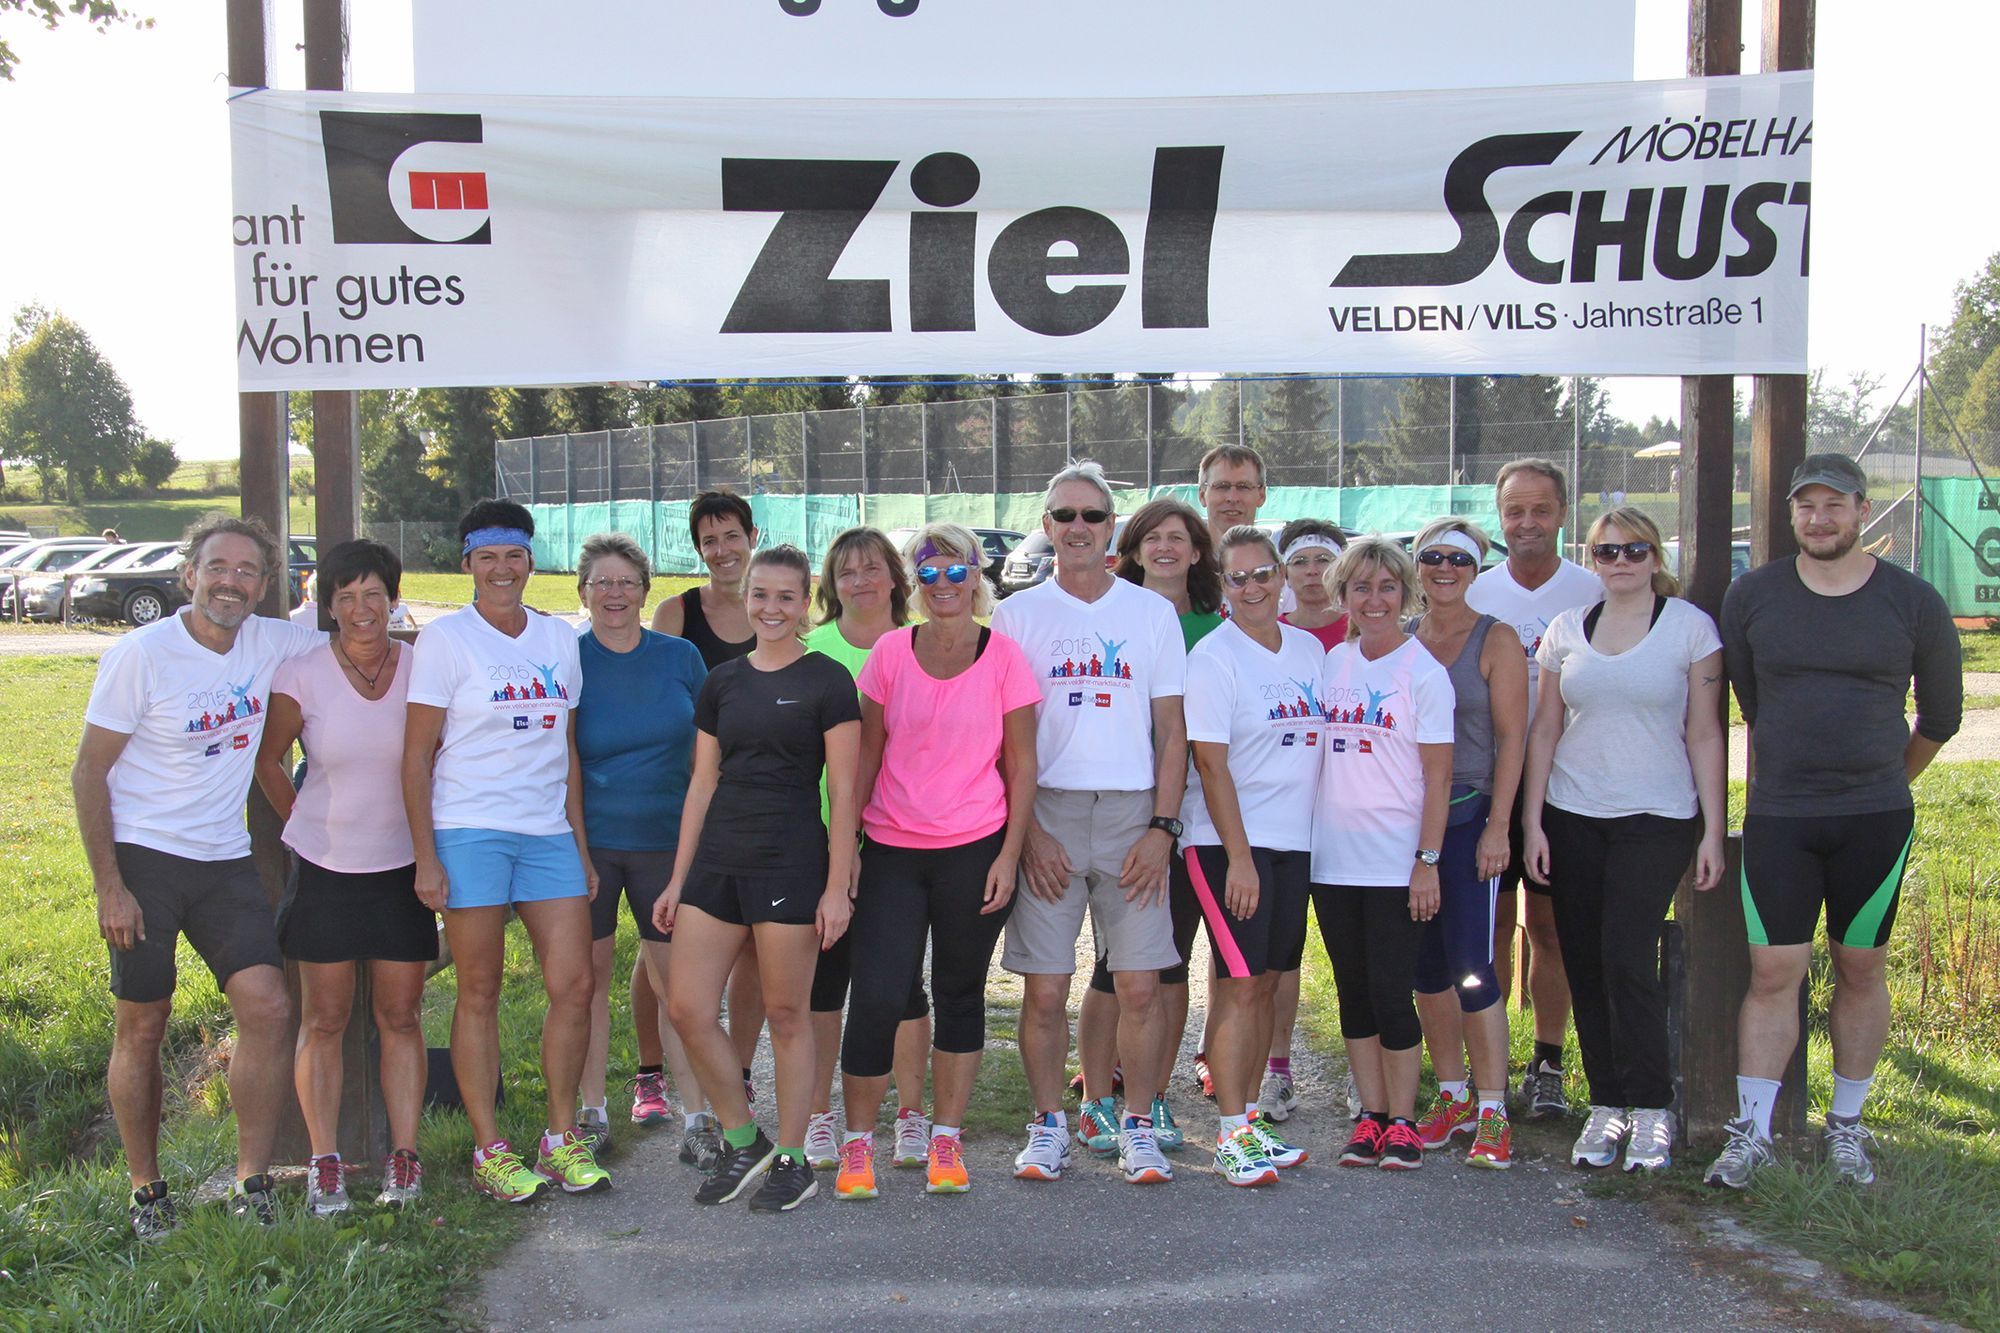 Die Lauf-10-Gruppe ging in den Abendstunde auf eine 10-Kilometer-Runde